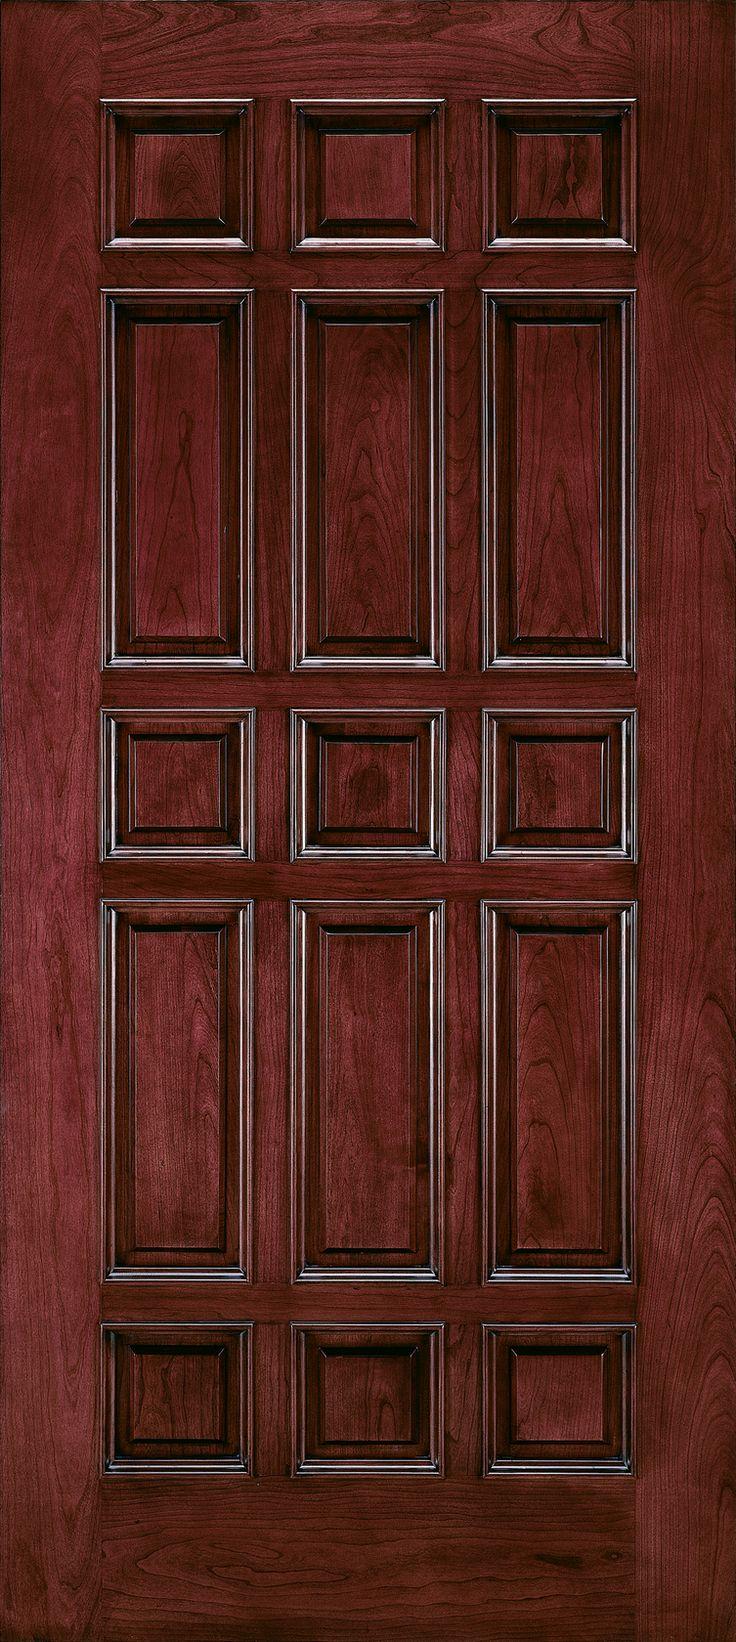 129 best Doors images on Pinterest | Hardware, Children and Full ...